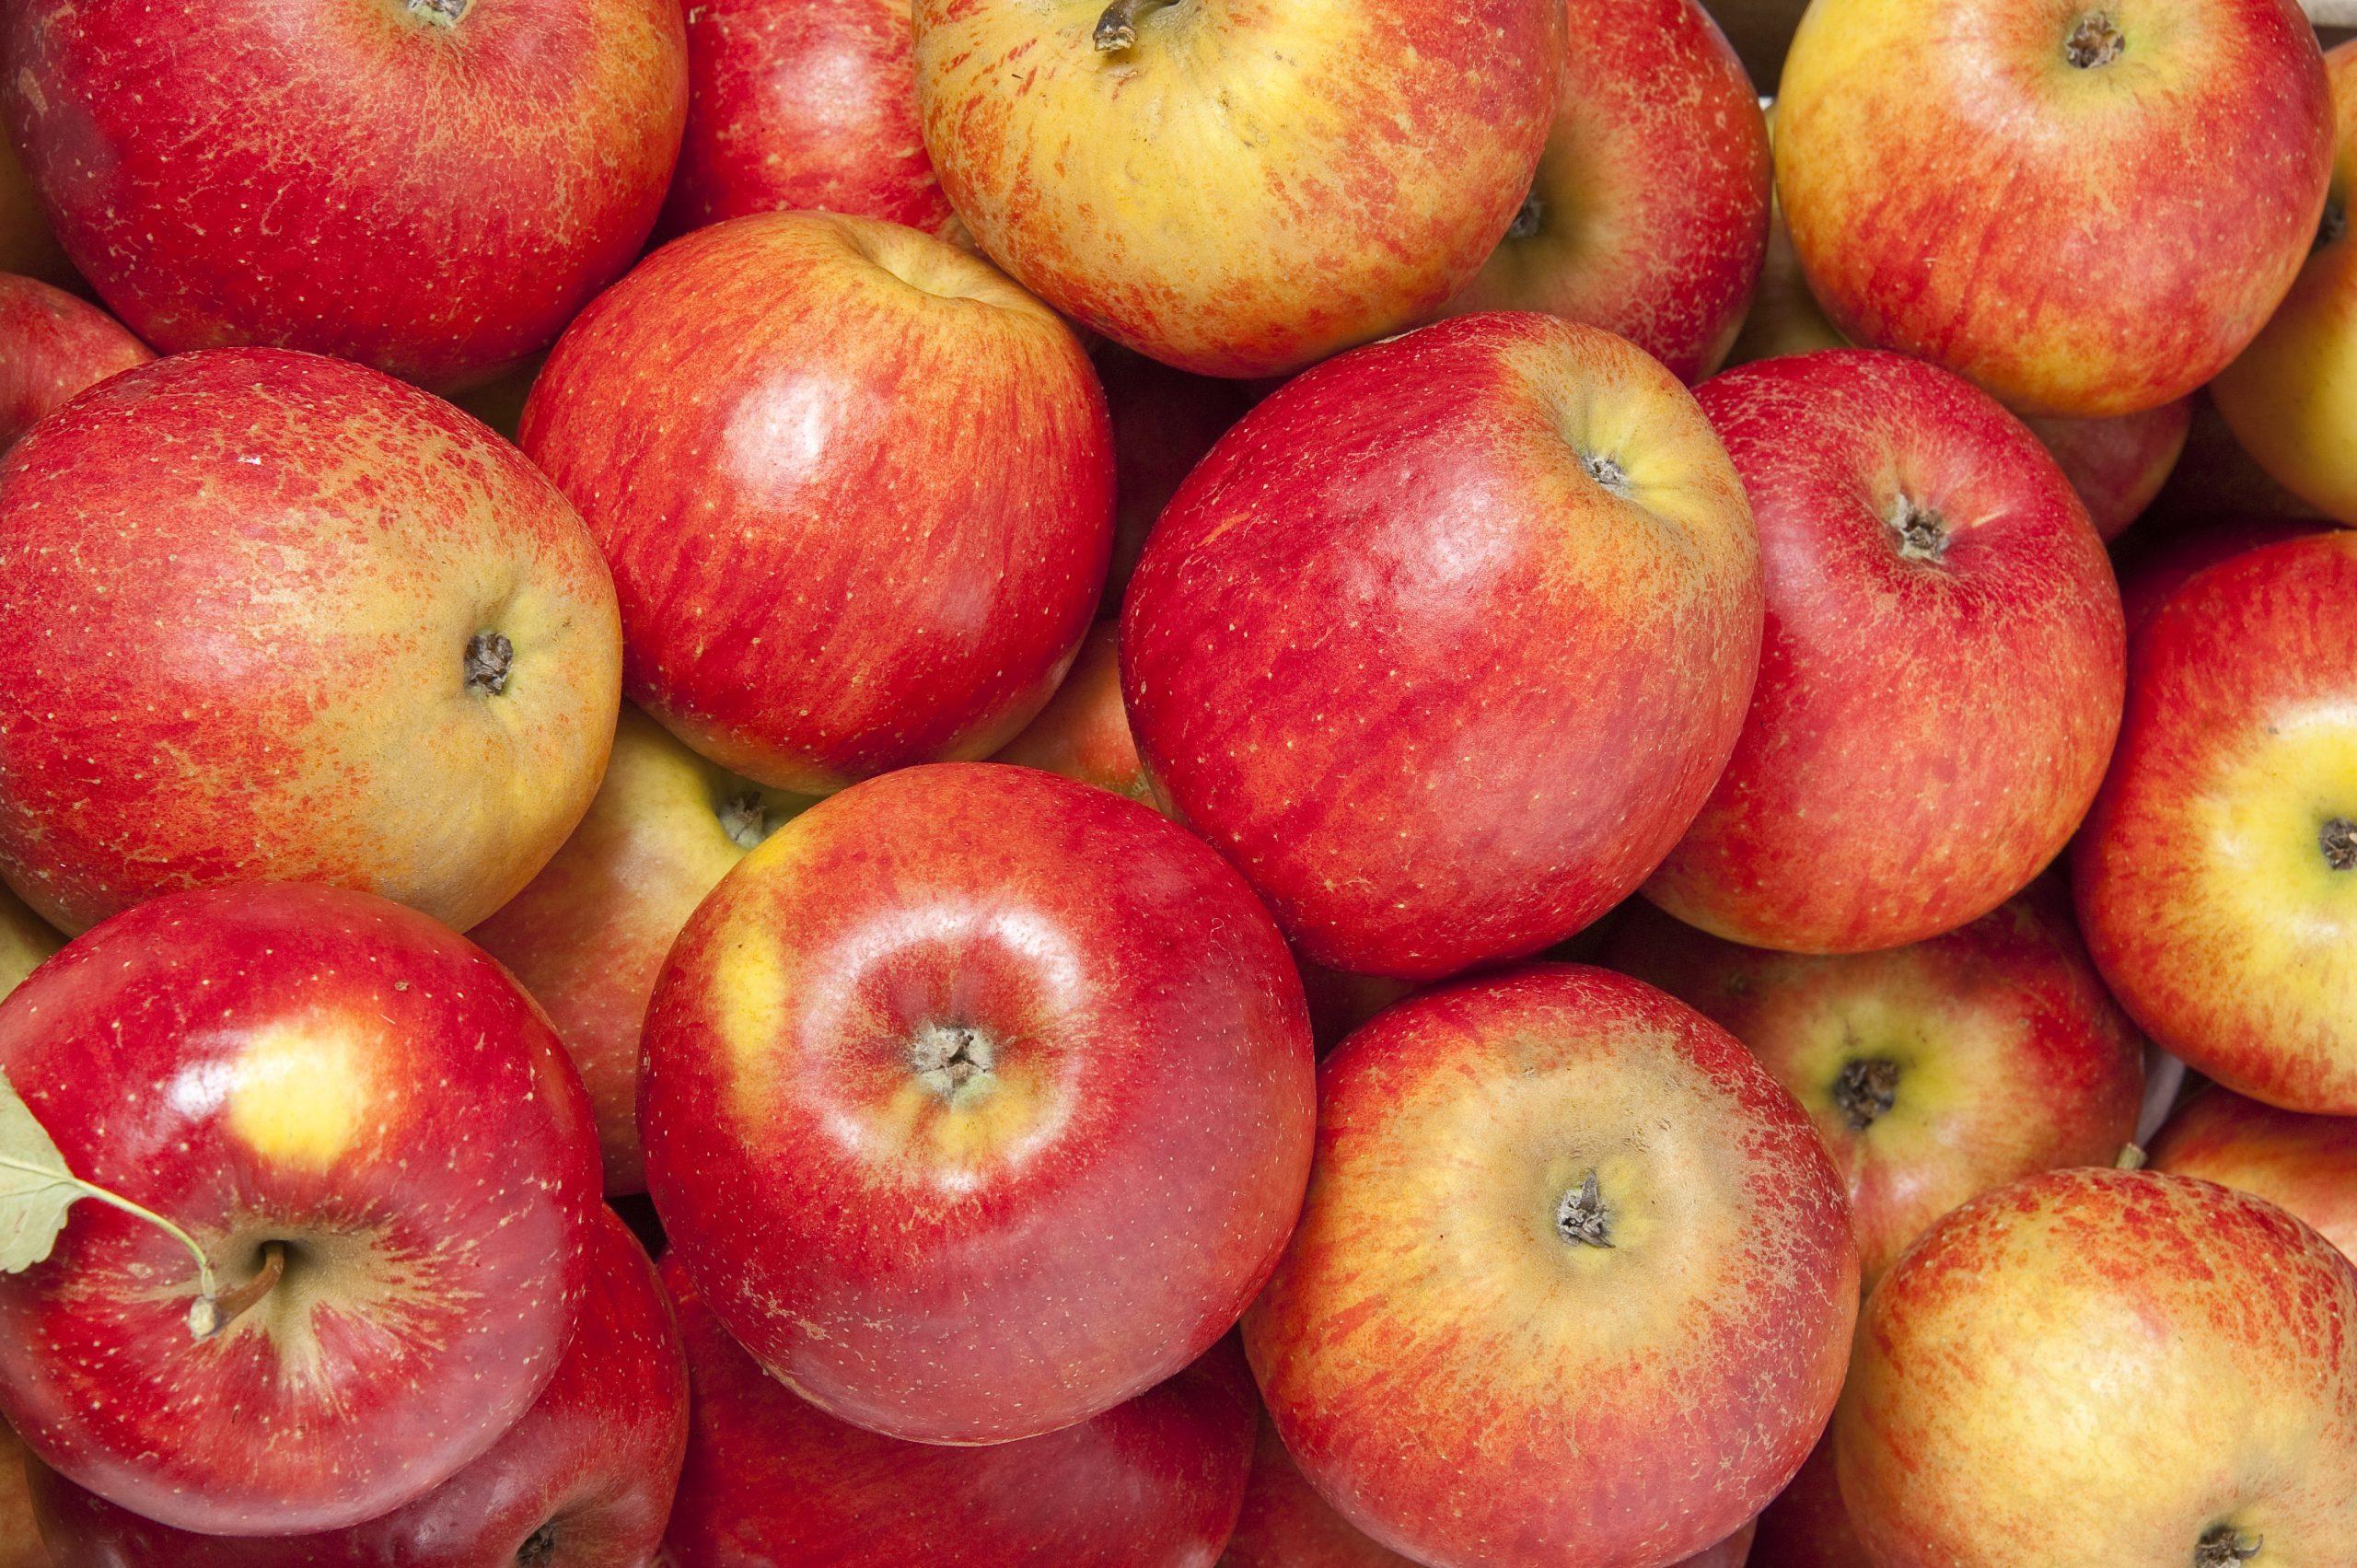 manzana roja cambio climático